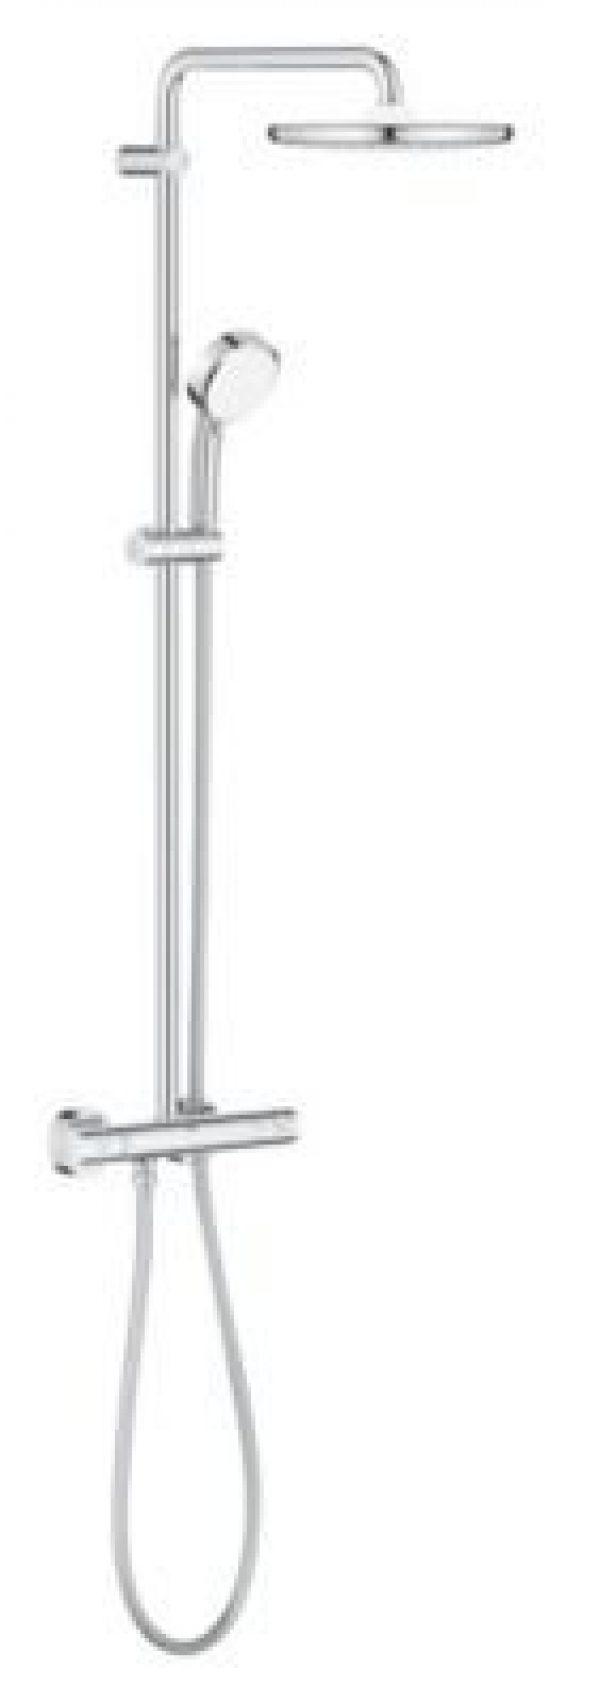 GROHE NTempCosmopolitan 250 brusersystem med termostat til vægmontering.9,5l, krom